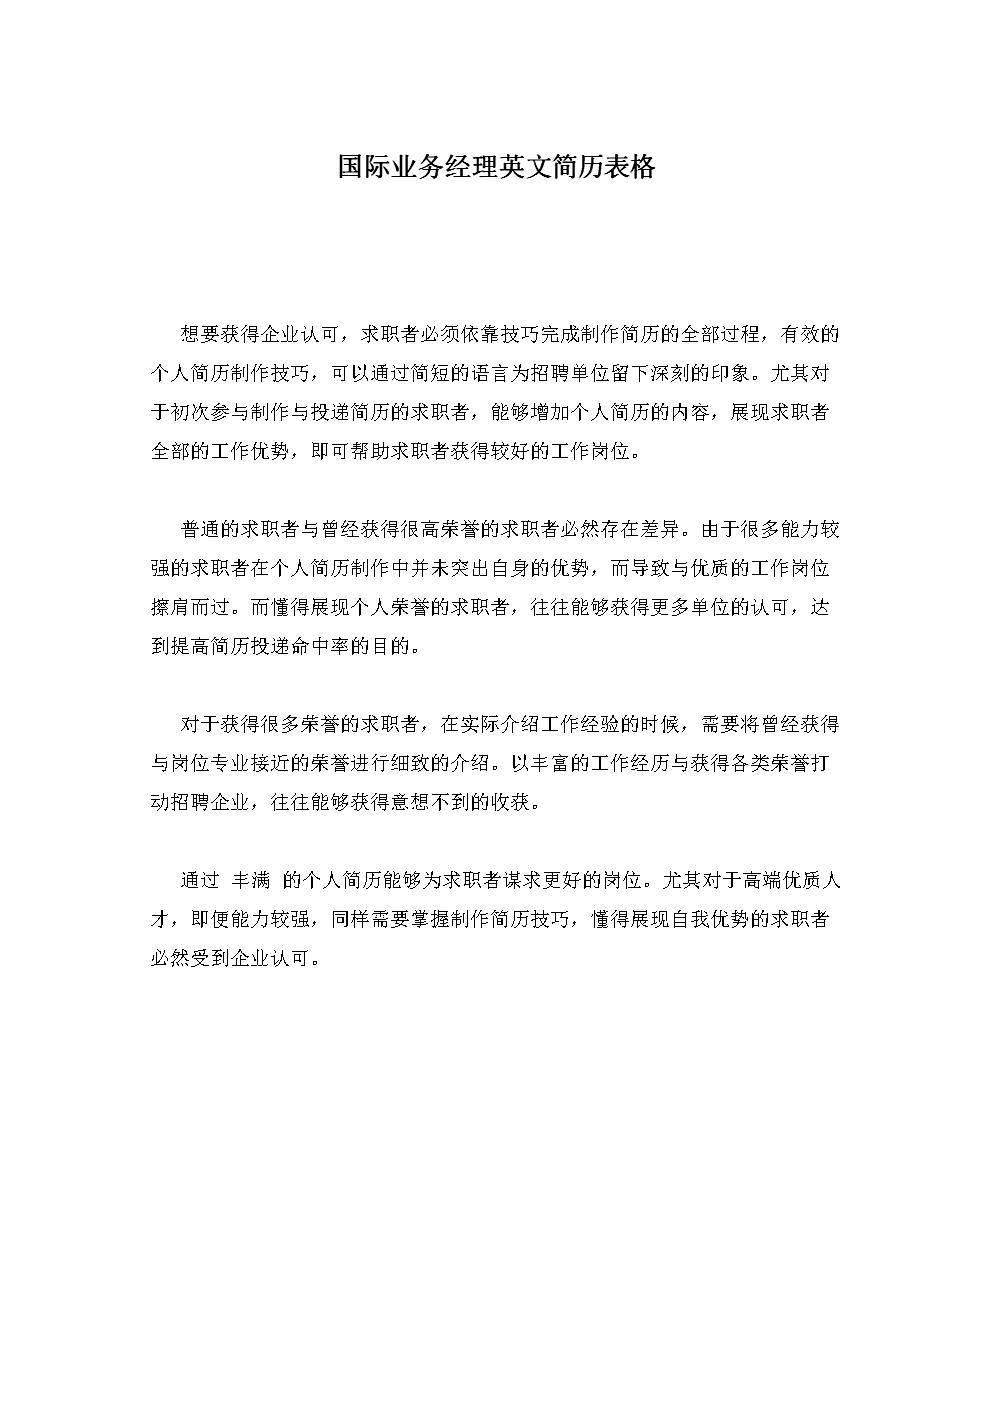 国际业务经理英文简历表格—最新范文.doc